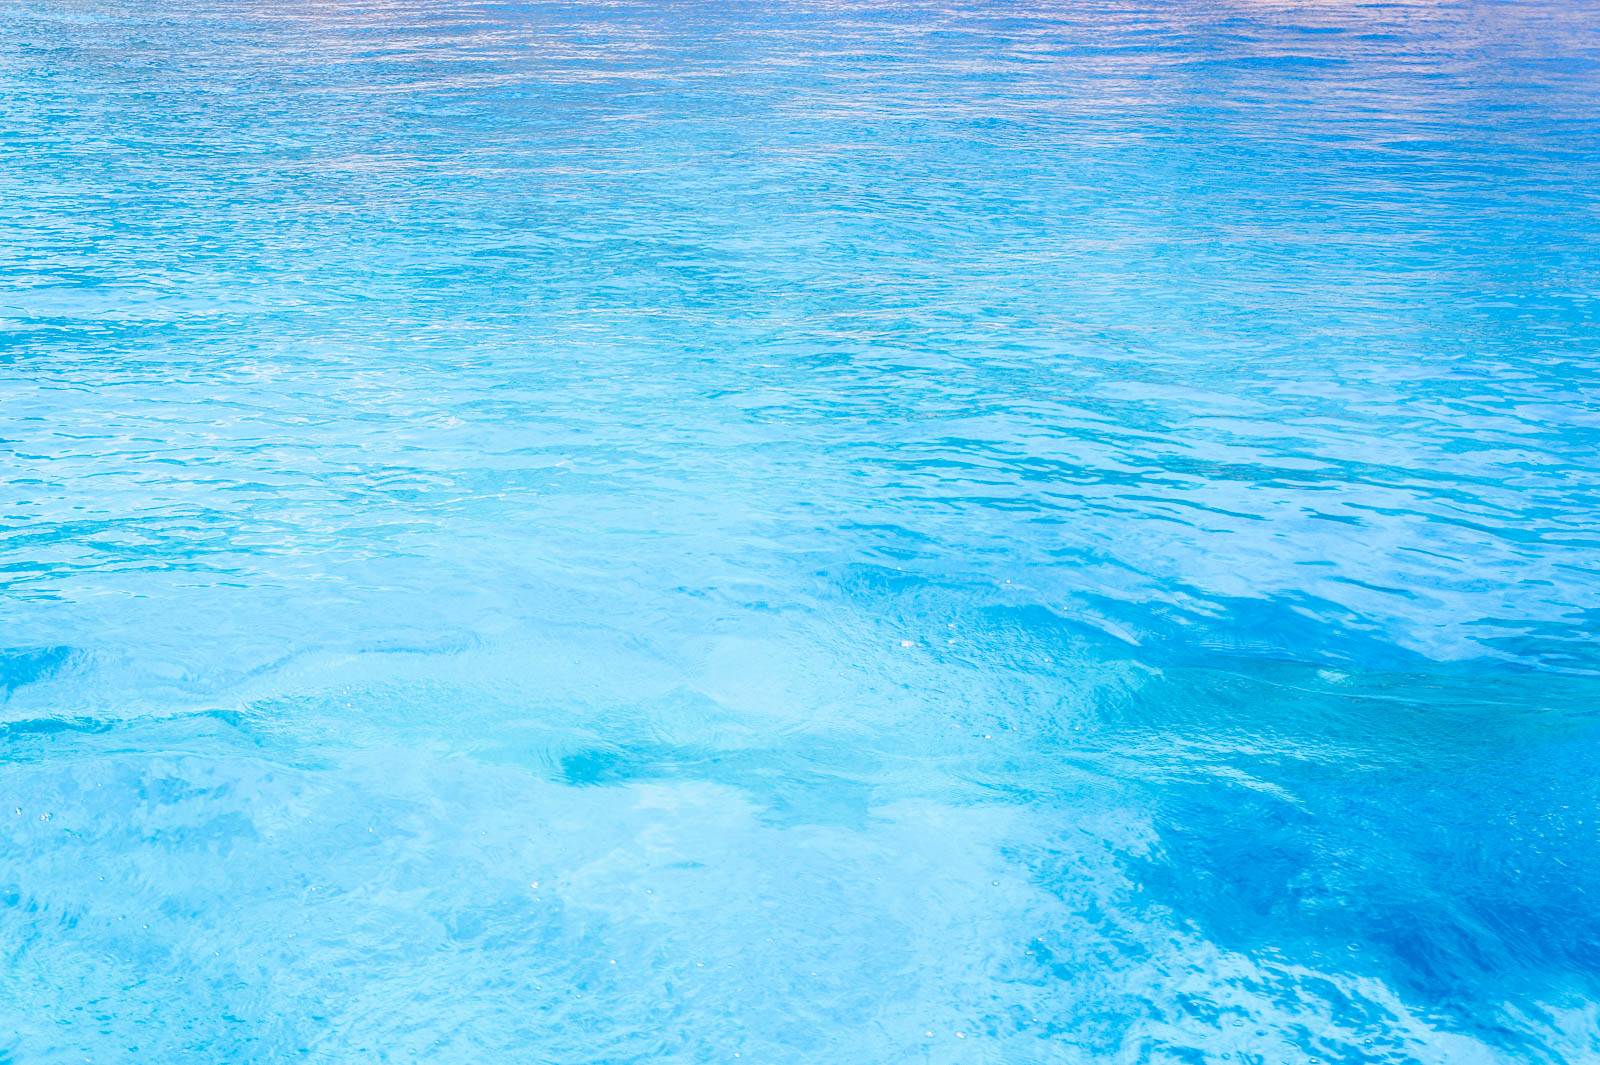 loutro-crete-greece-la-vie-en-blog-all-rights-reserved-3